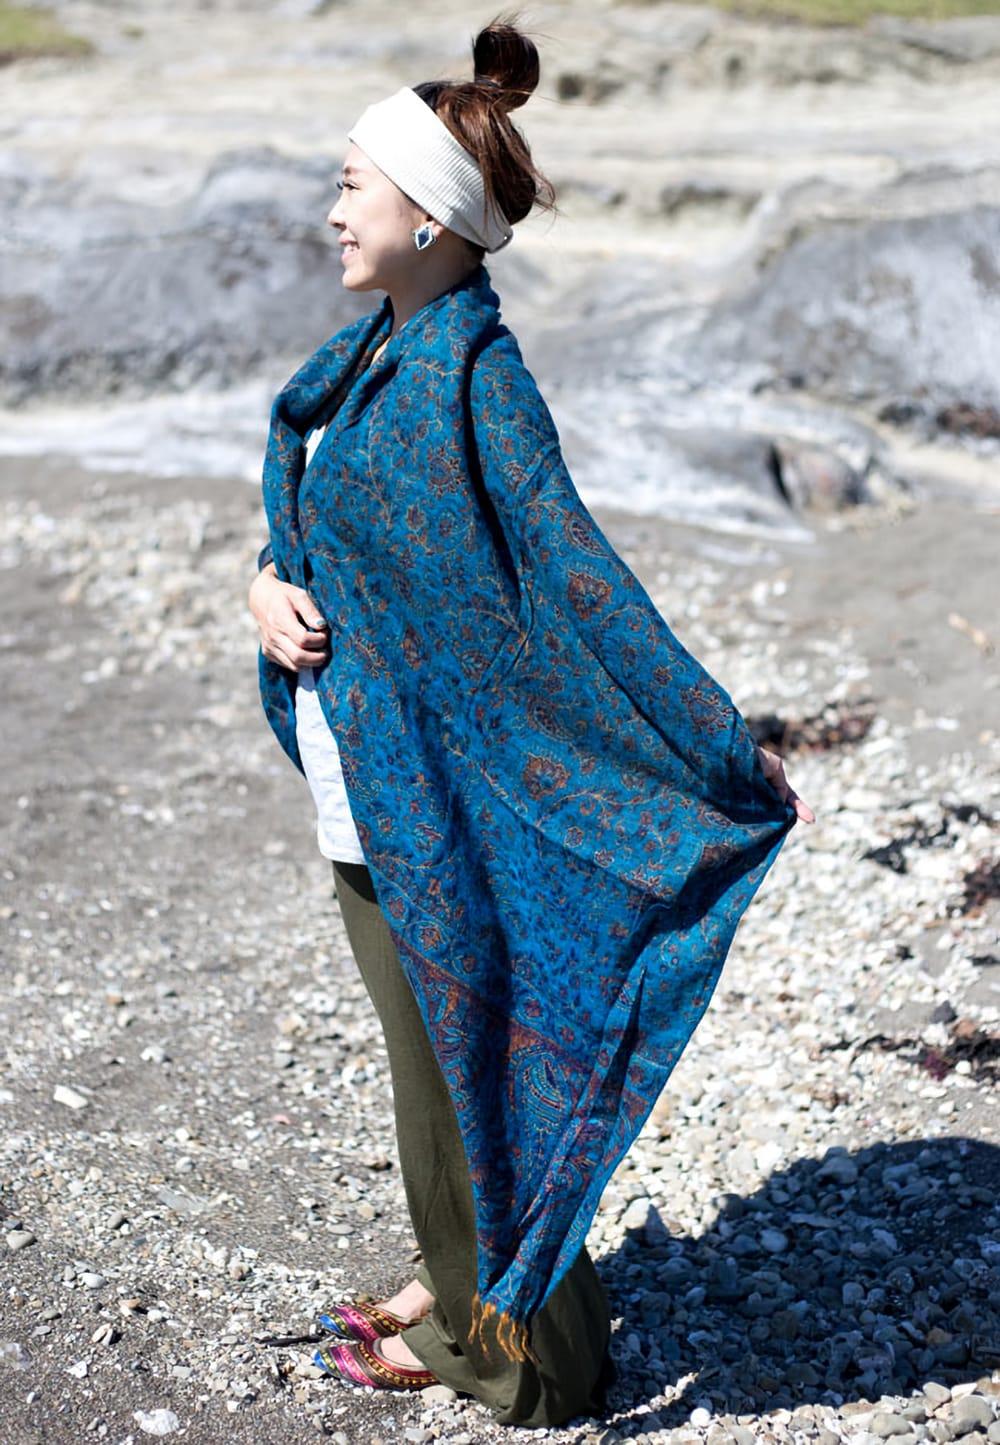 〔210cm×95cm〕インドの伝統柄大判ストール・ショール - 青紫系 9 - サイズはとても大きいので、暖かく身体を包んでくれます。(以下の写真は同ジャンル品のものになります。)